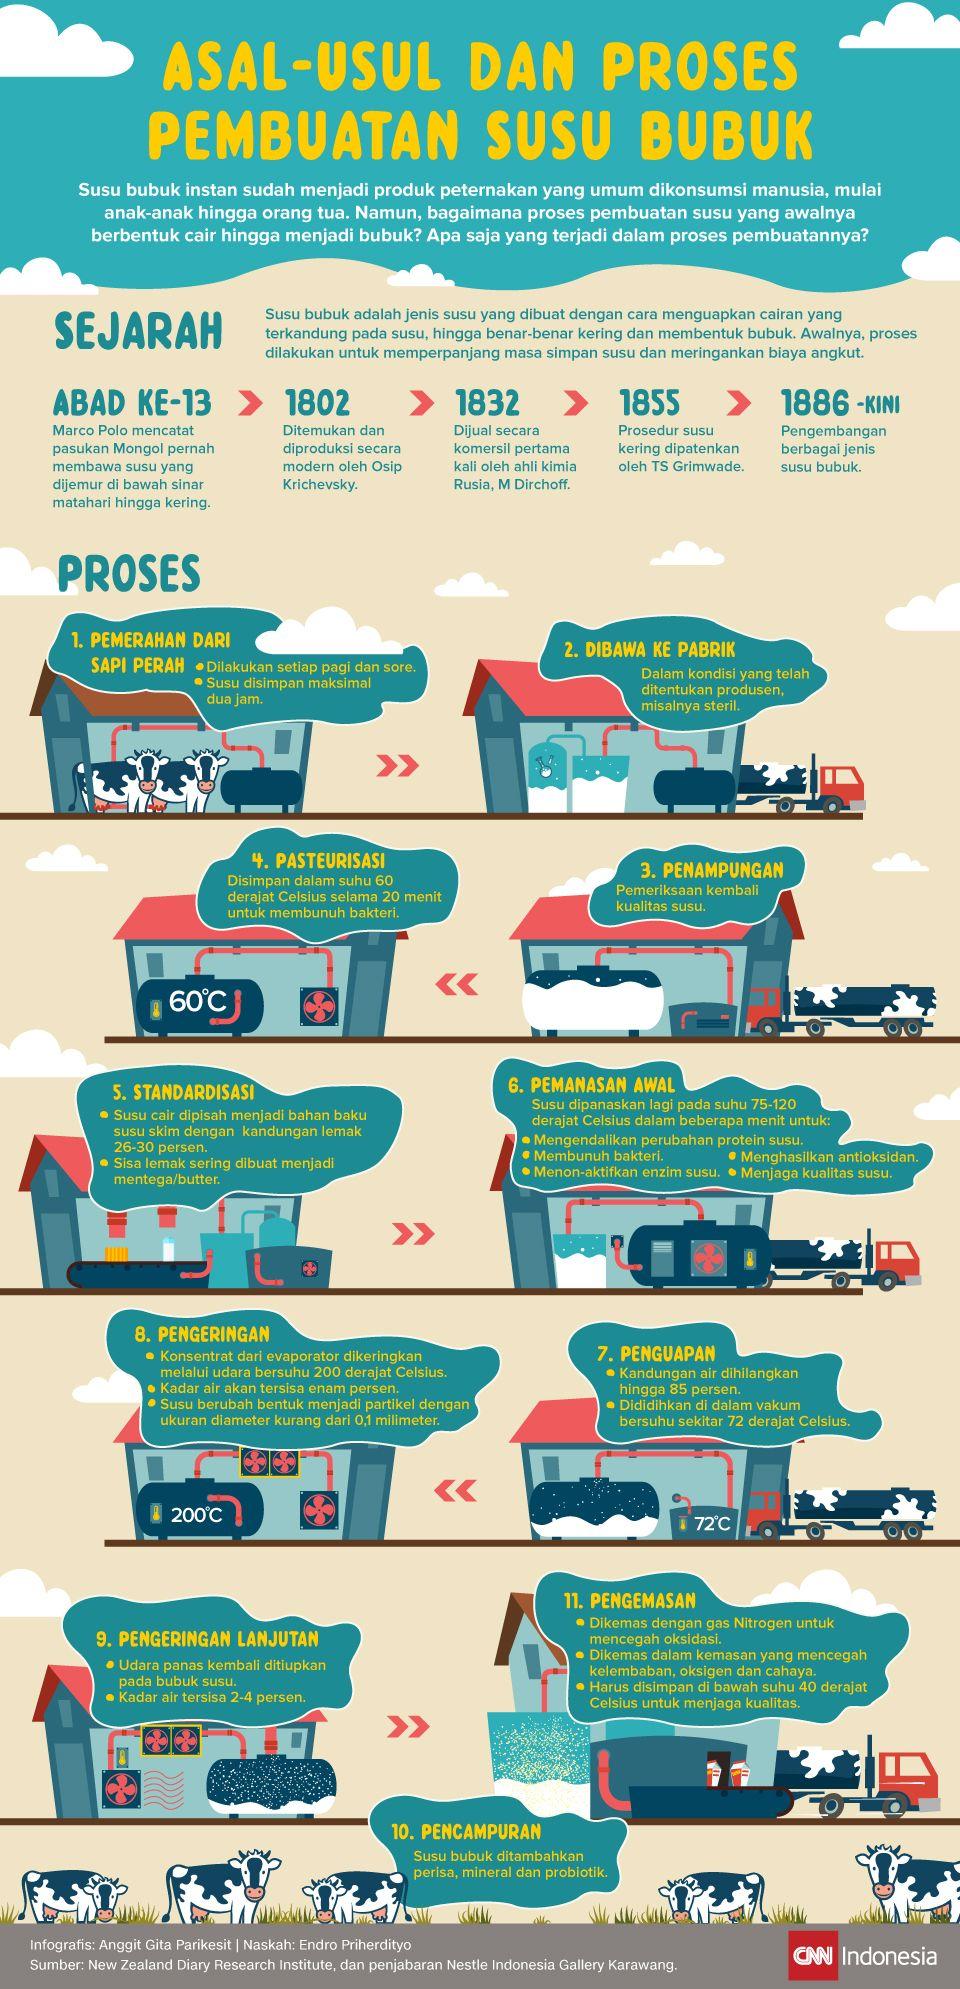 Infografis Asal Usul Dan Proses Pembuatan Susu Bubuk